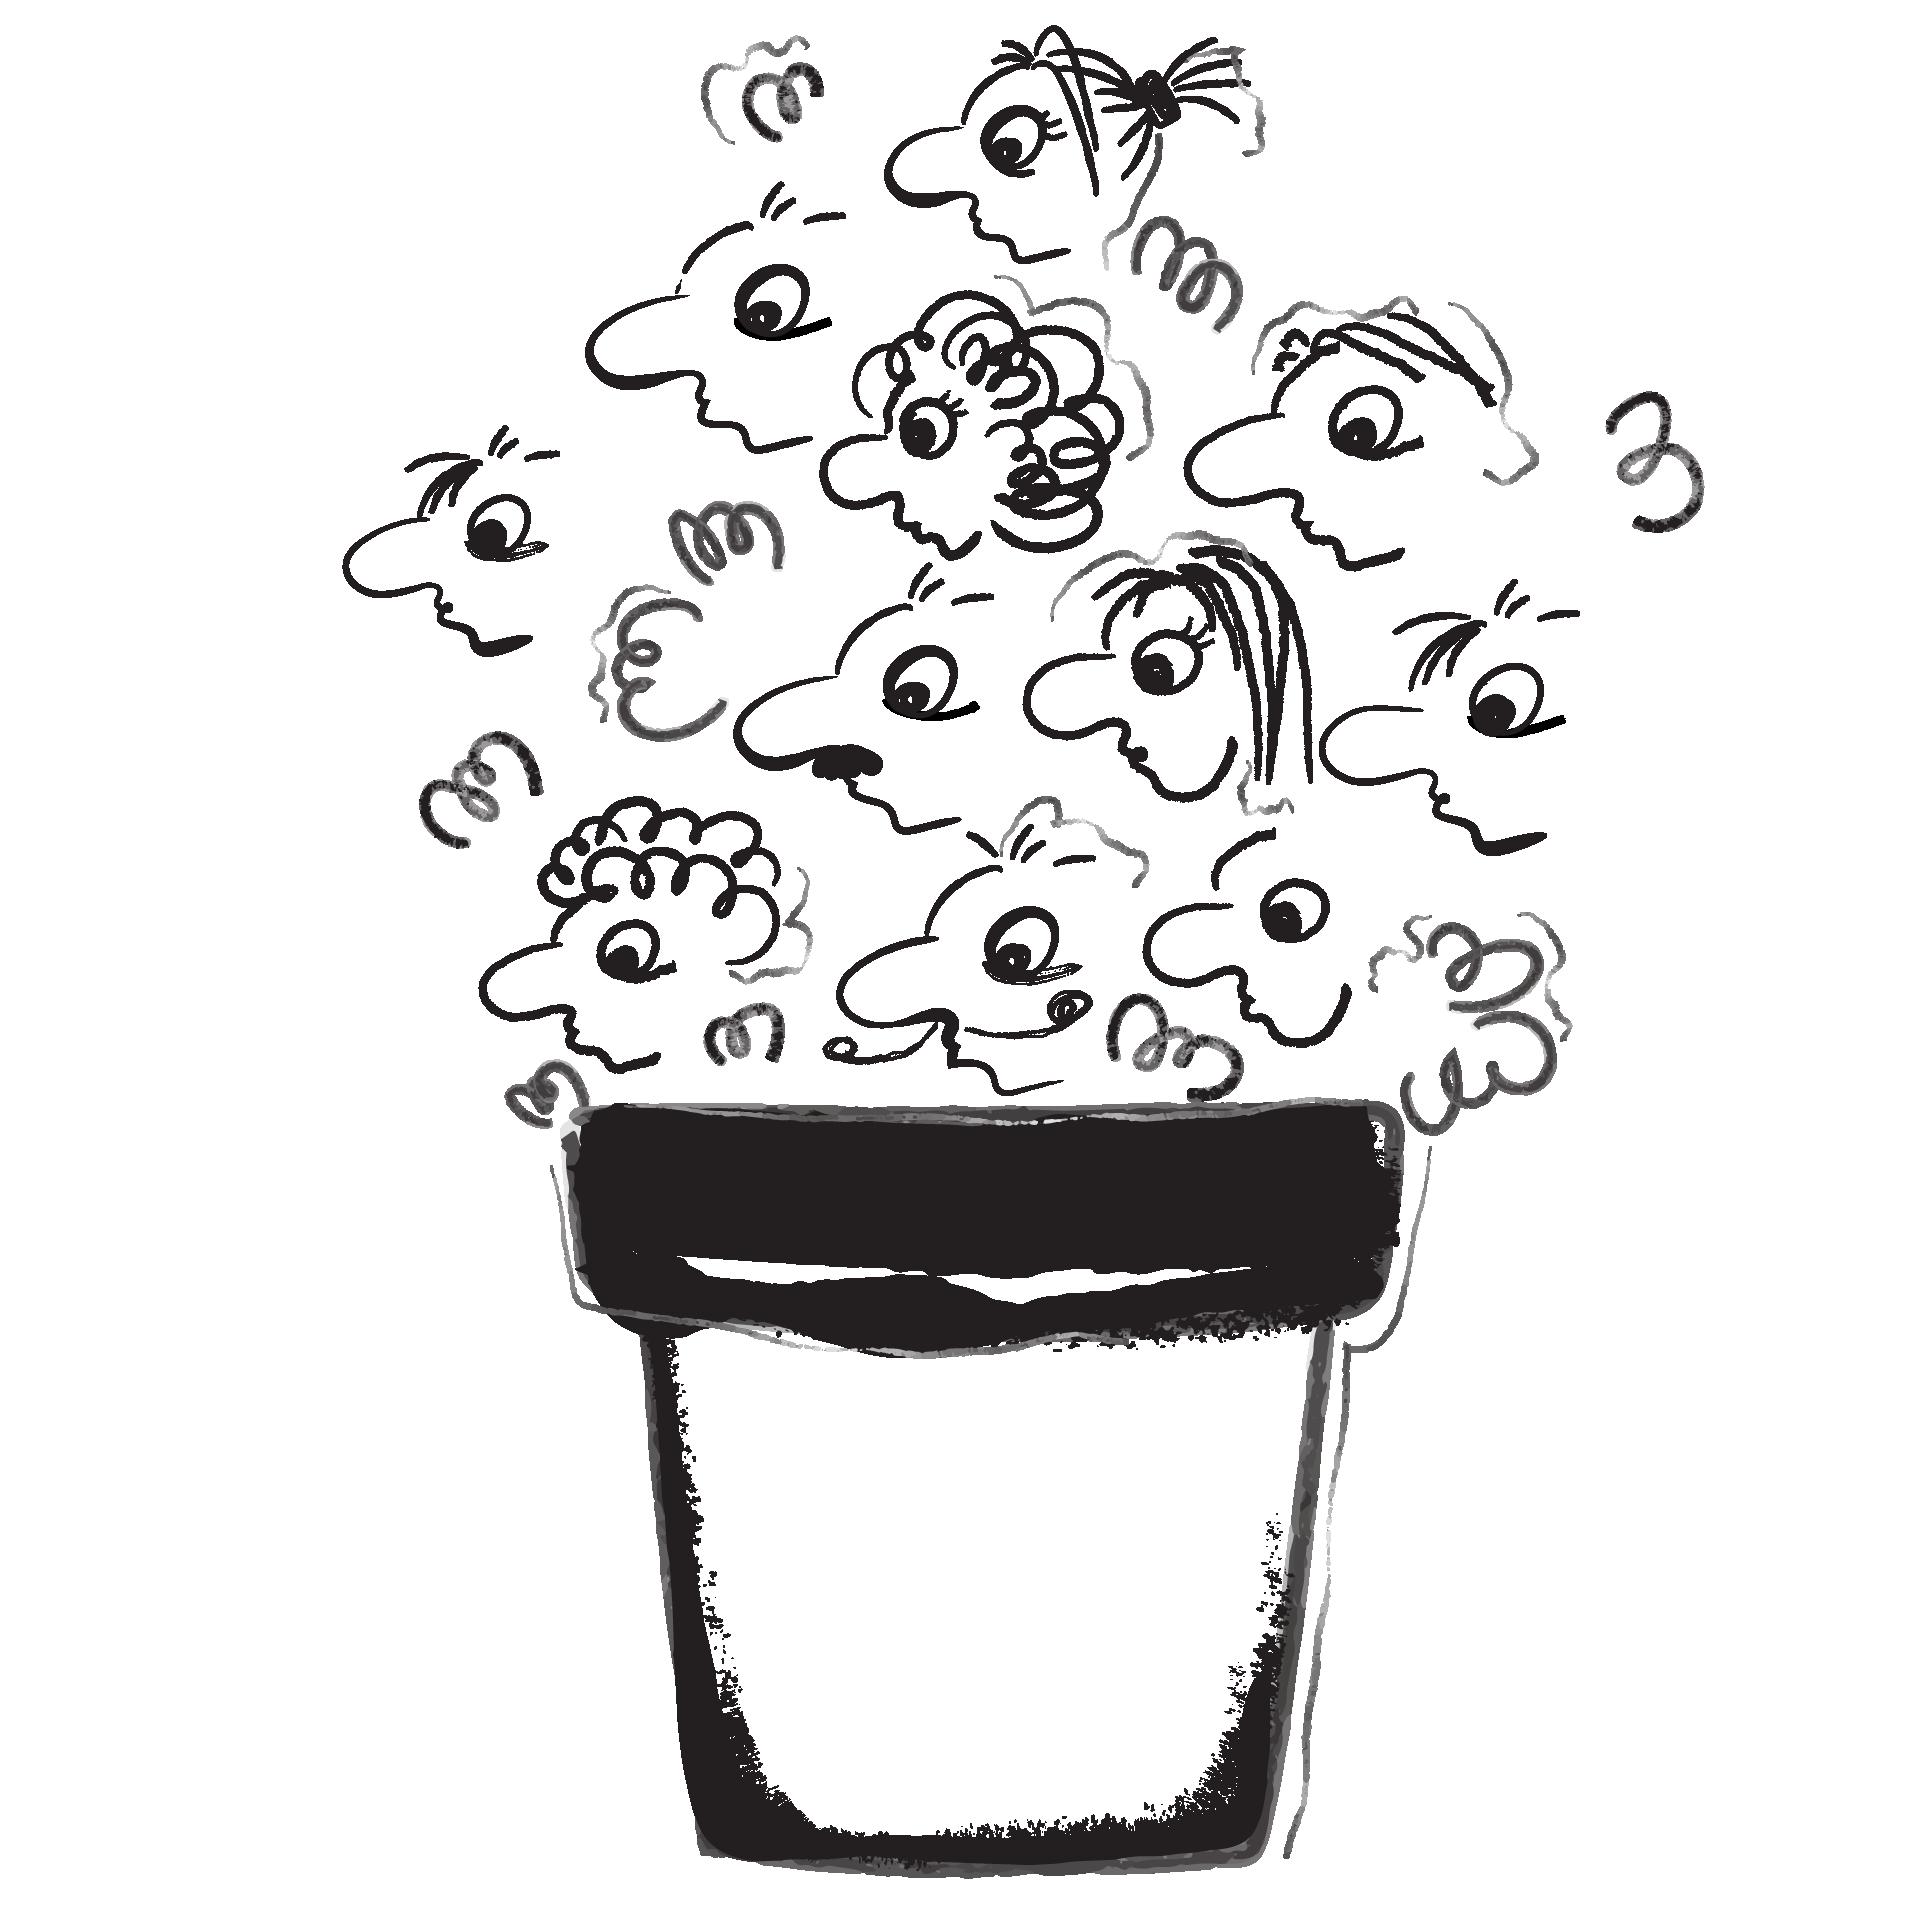 Illustrierter Blumentopf mit Köpfen als Blumen